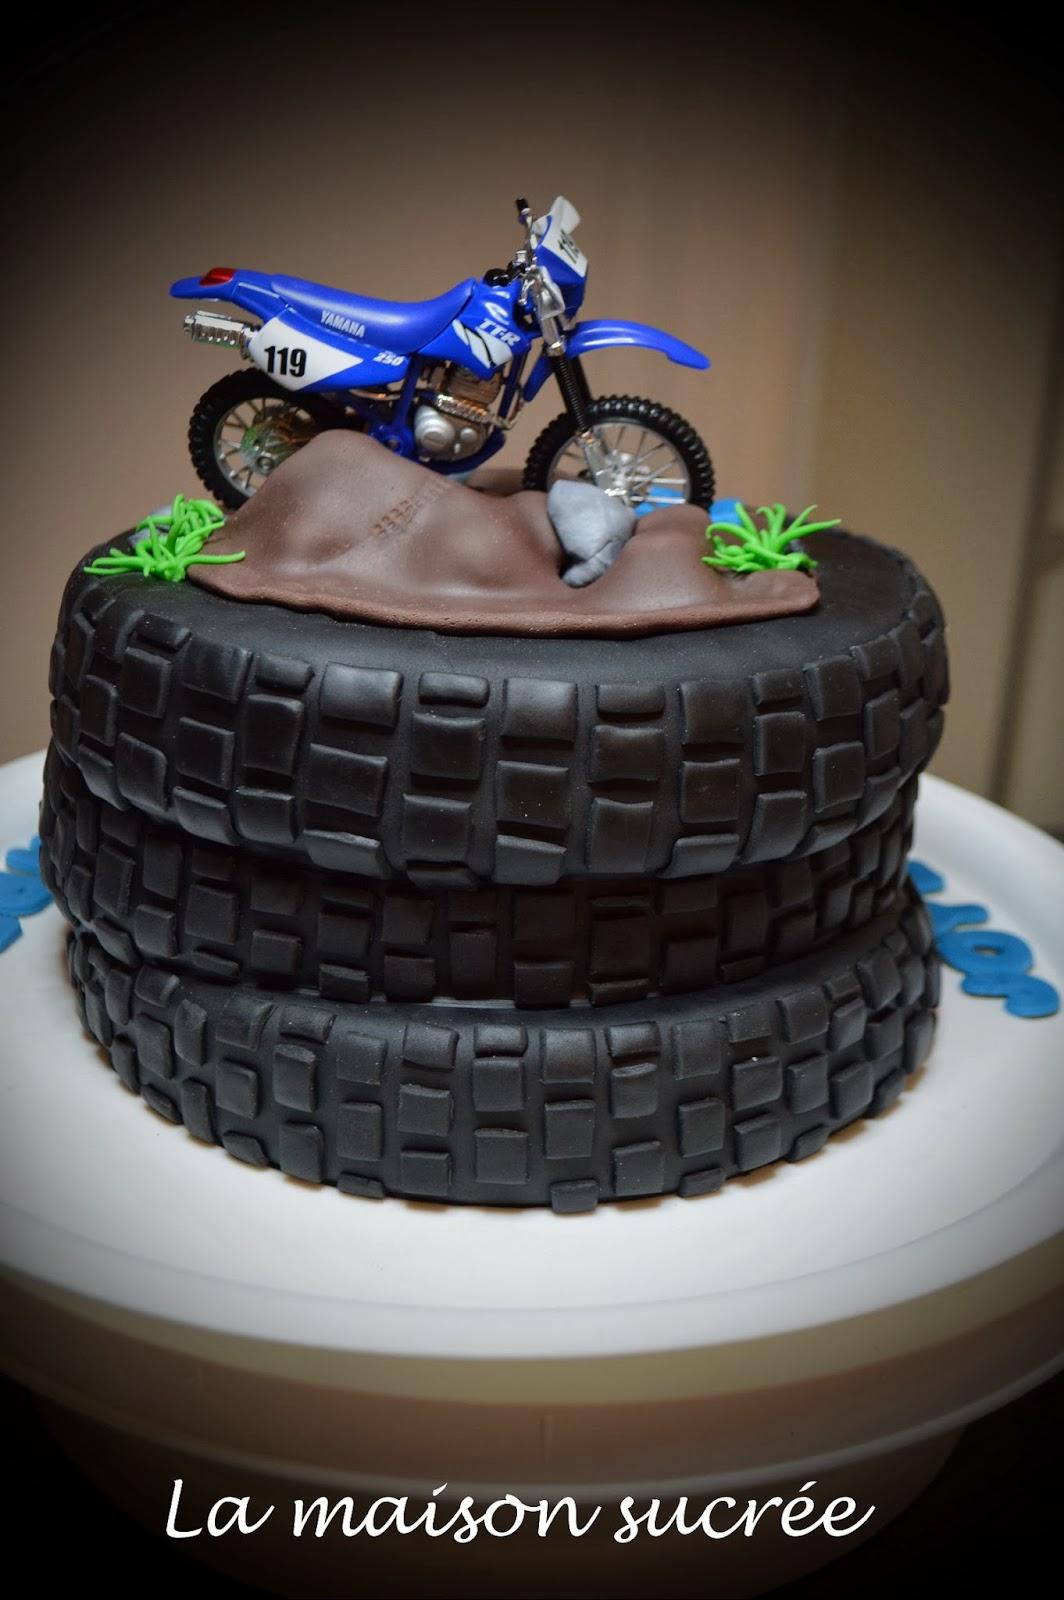 Extrêmement La Maison Sucrée: Motocross EN33